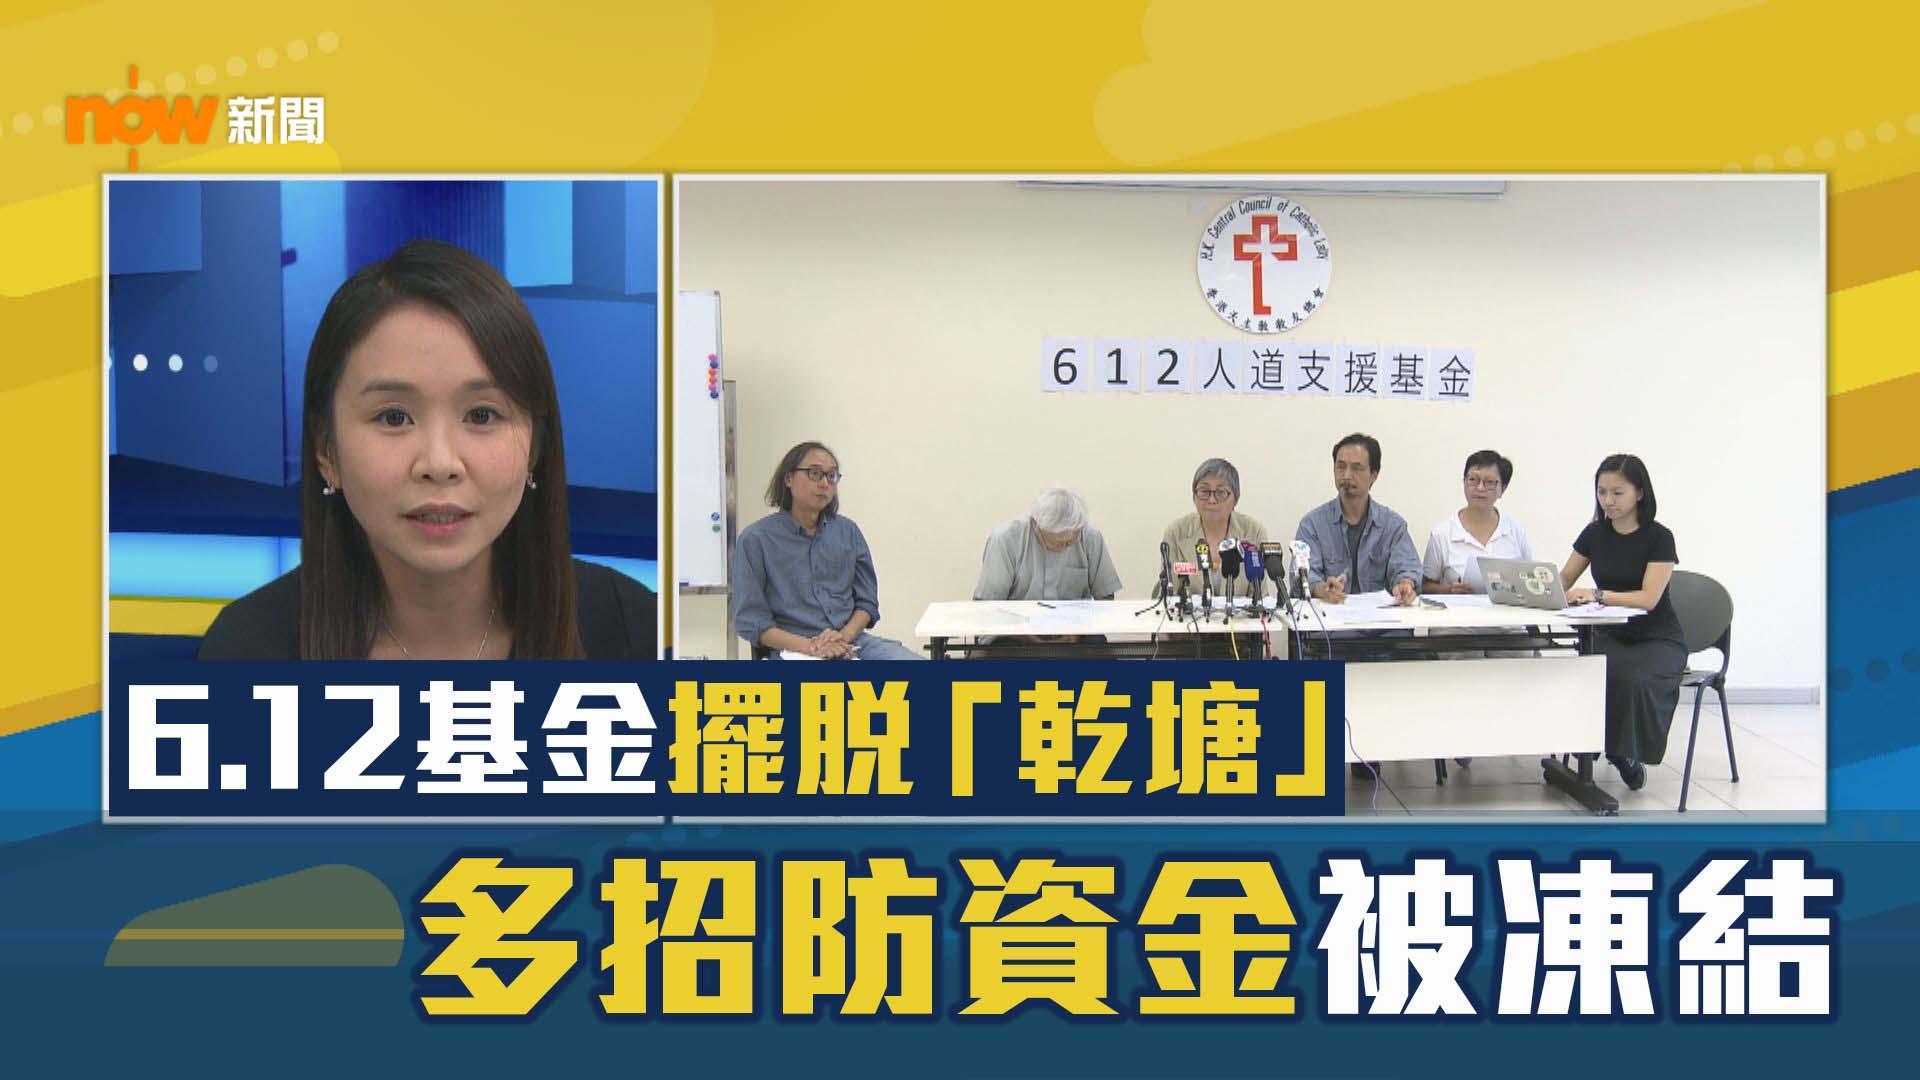 【政情】6.12基金擺脫「乾塘」 多招防資金被凍結